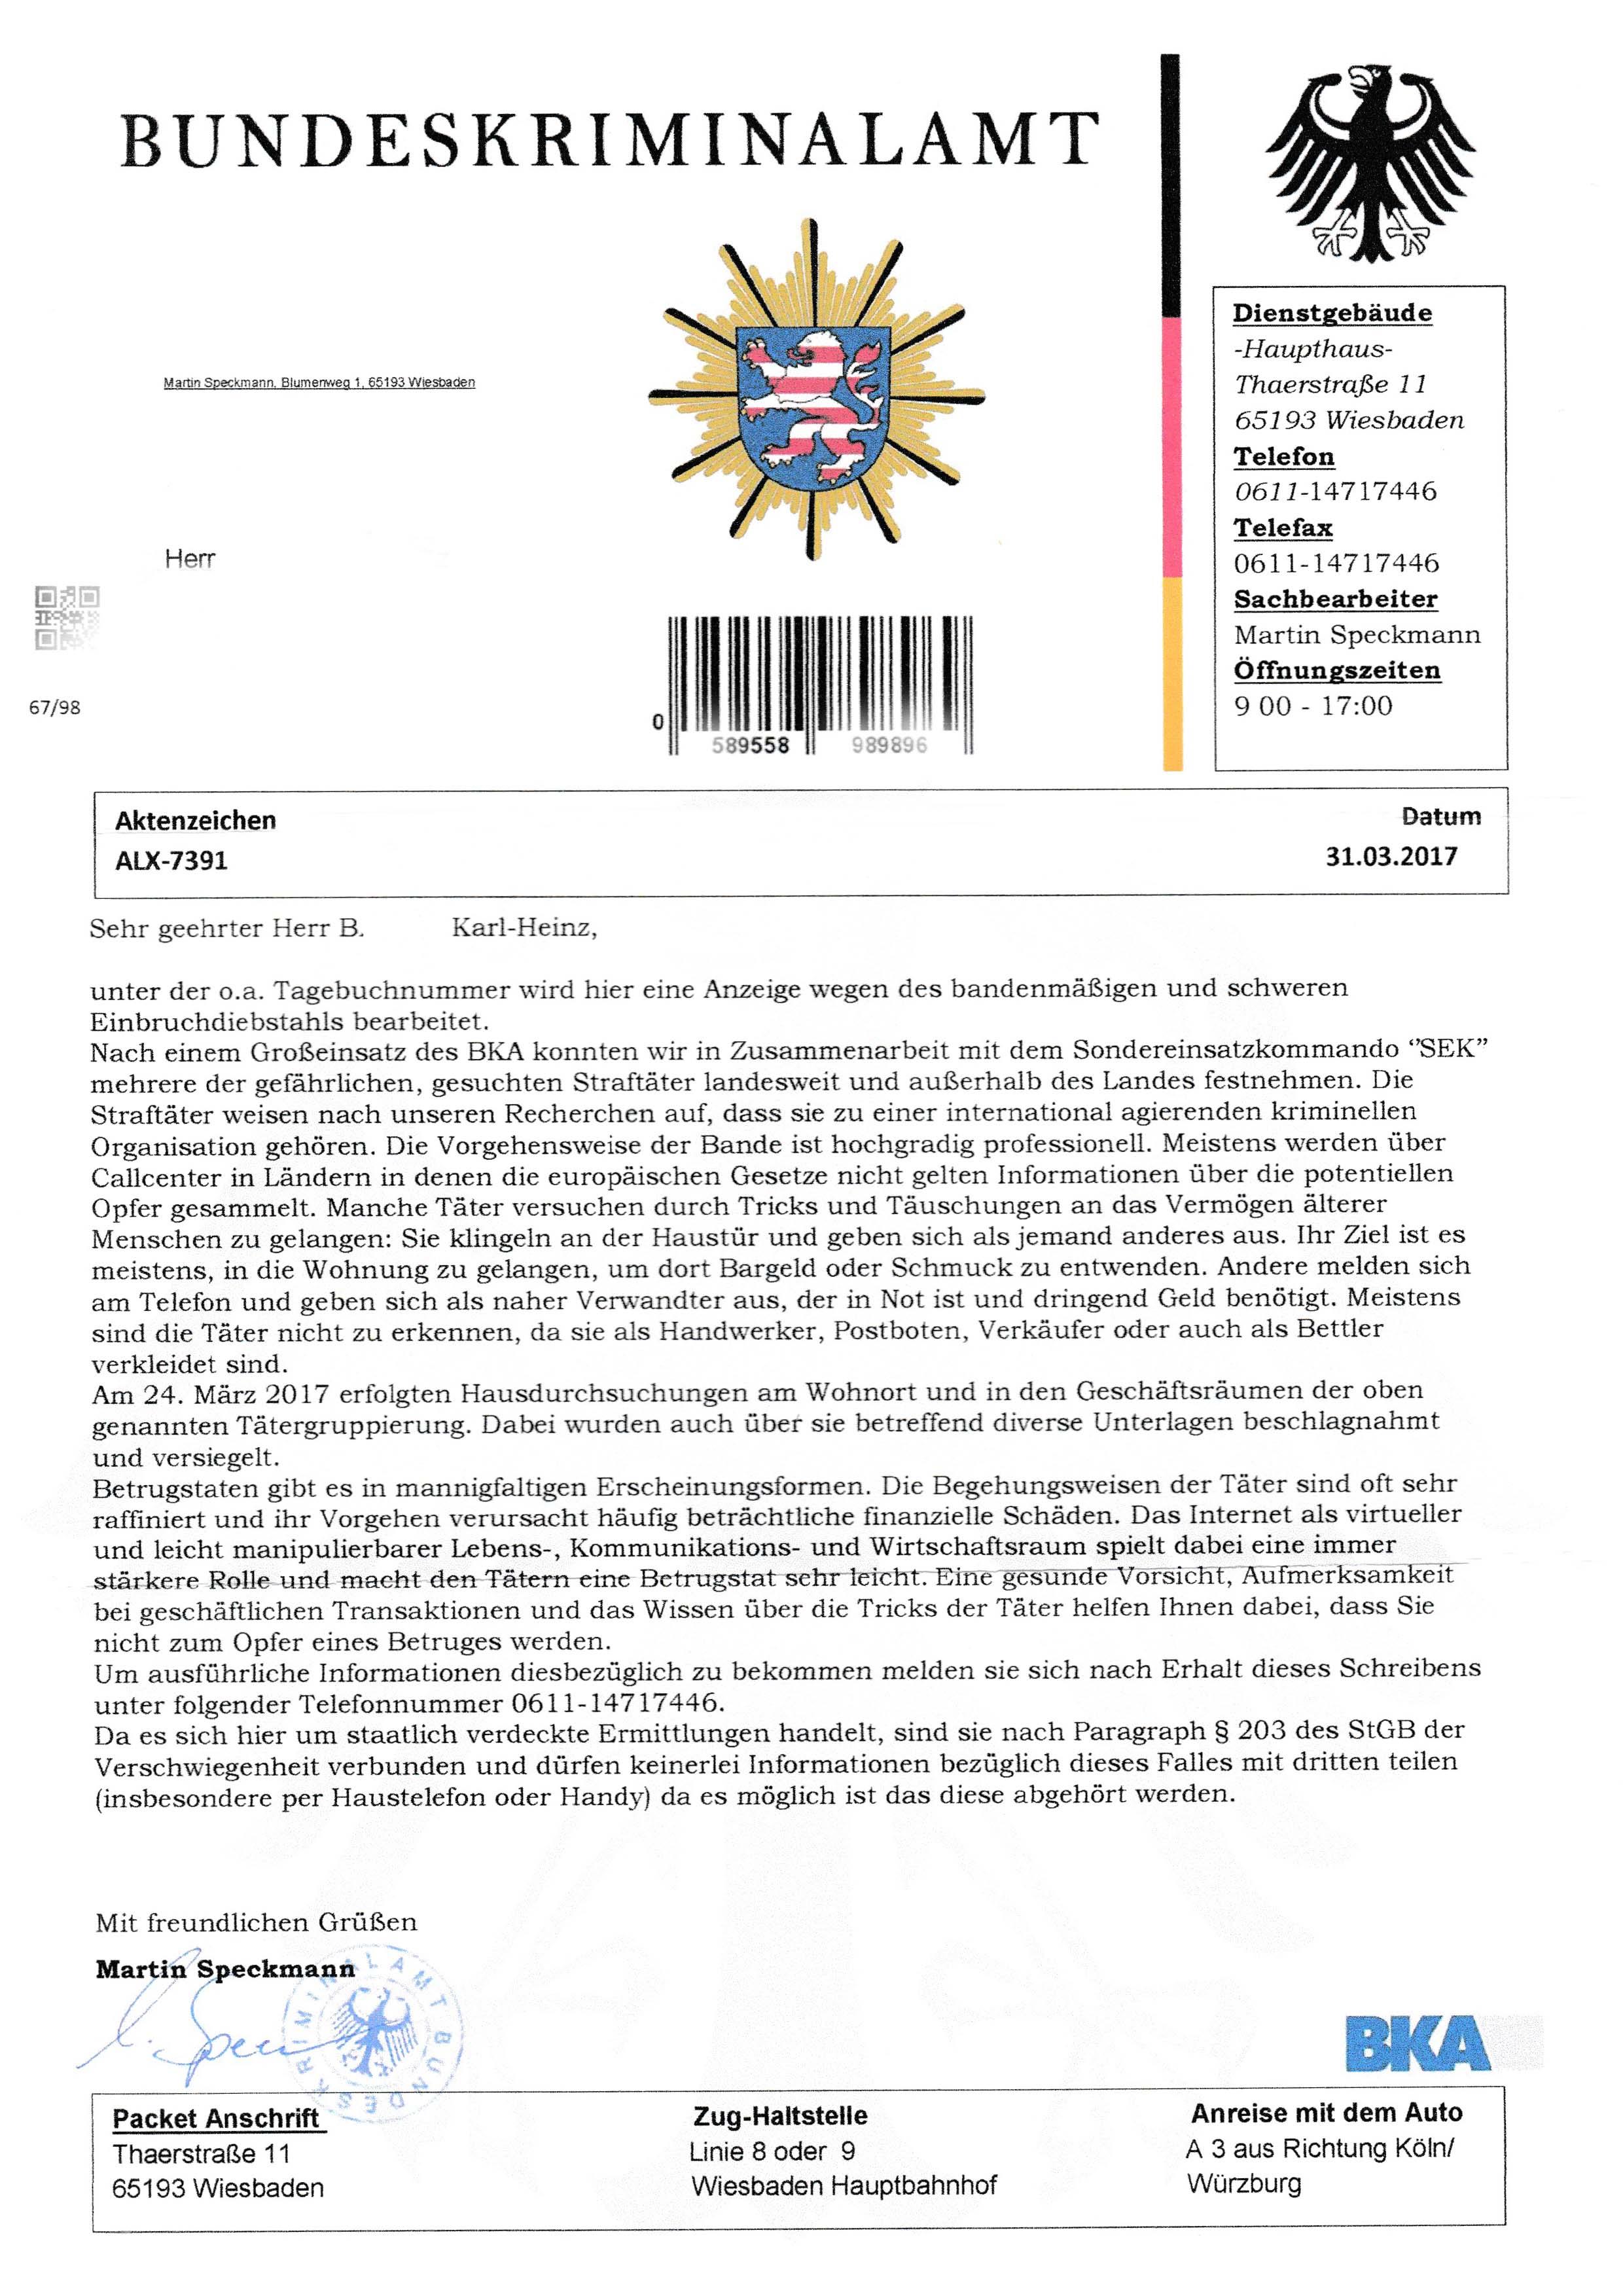 Bka Homepage Das Bundeskriminalamt Warnt Neue Masche Betrüger